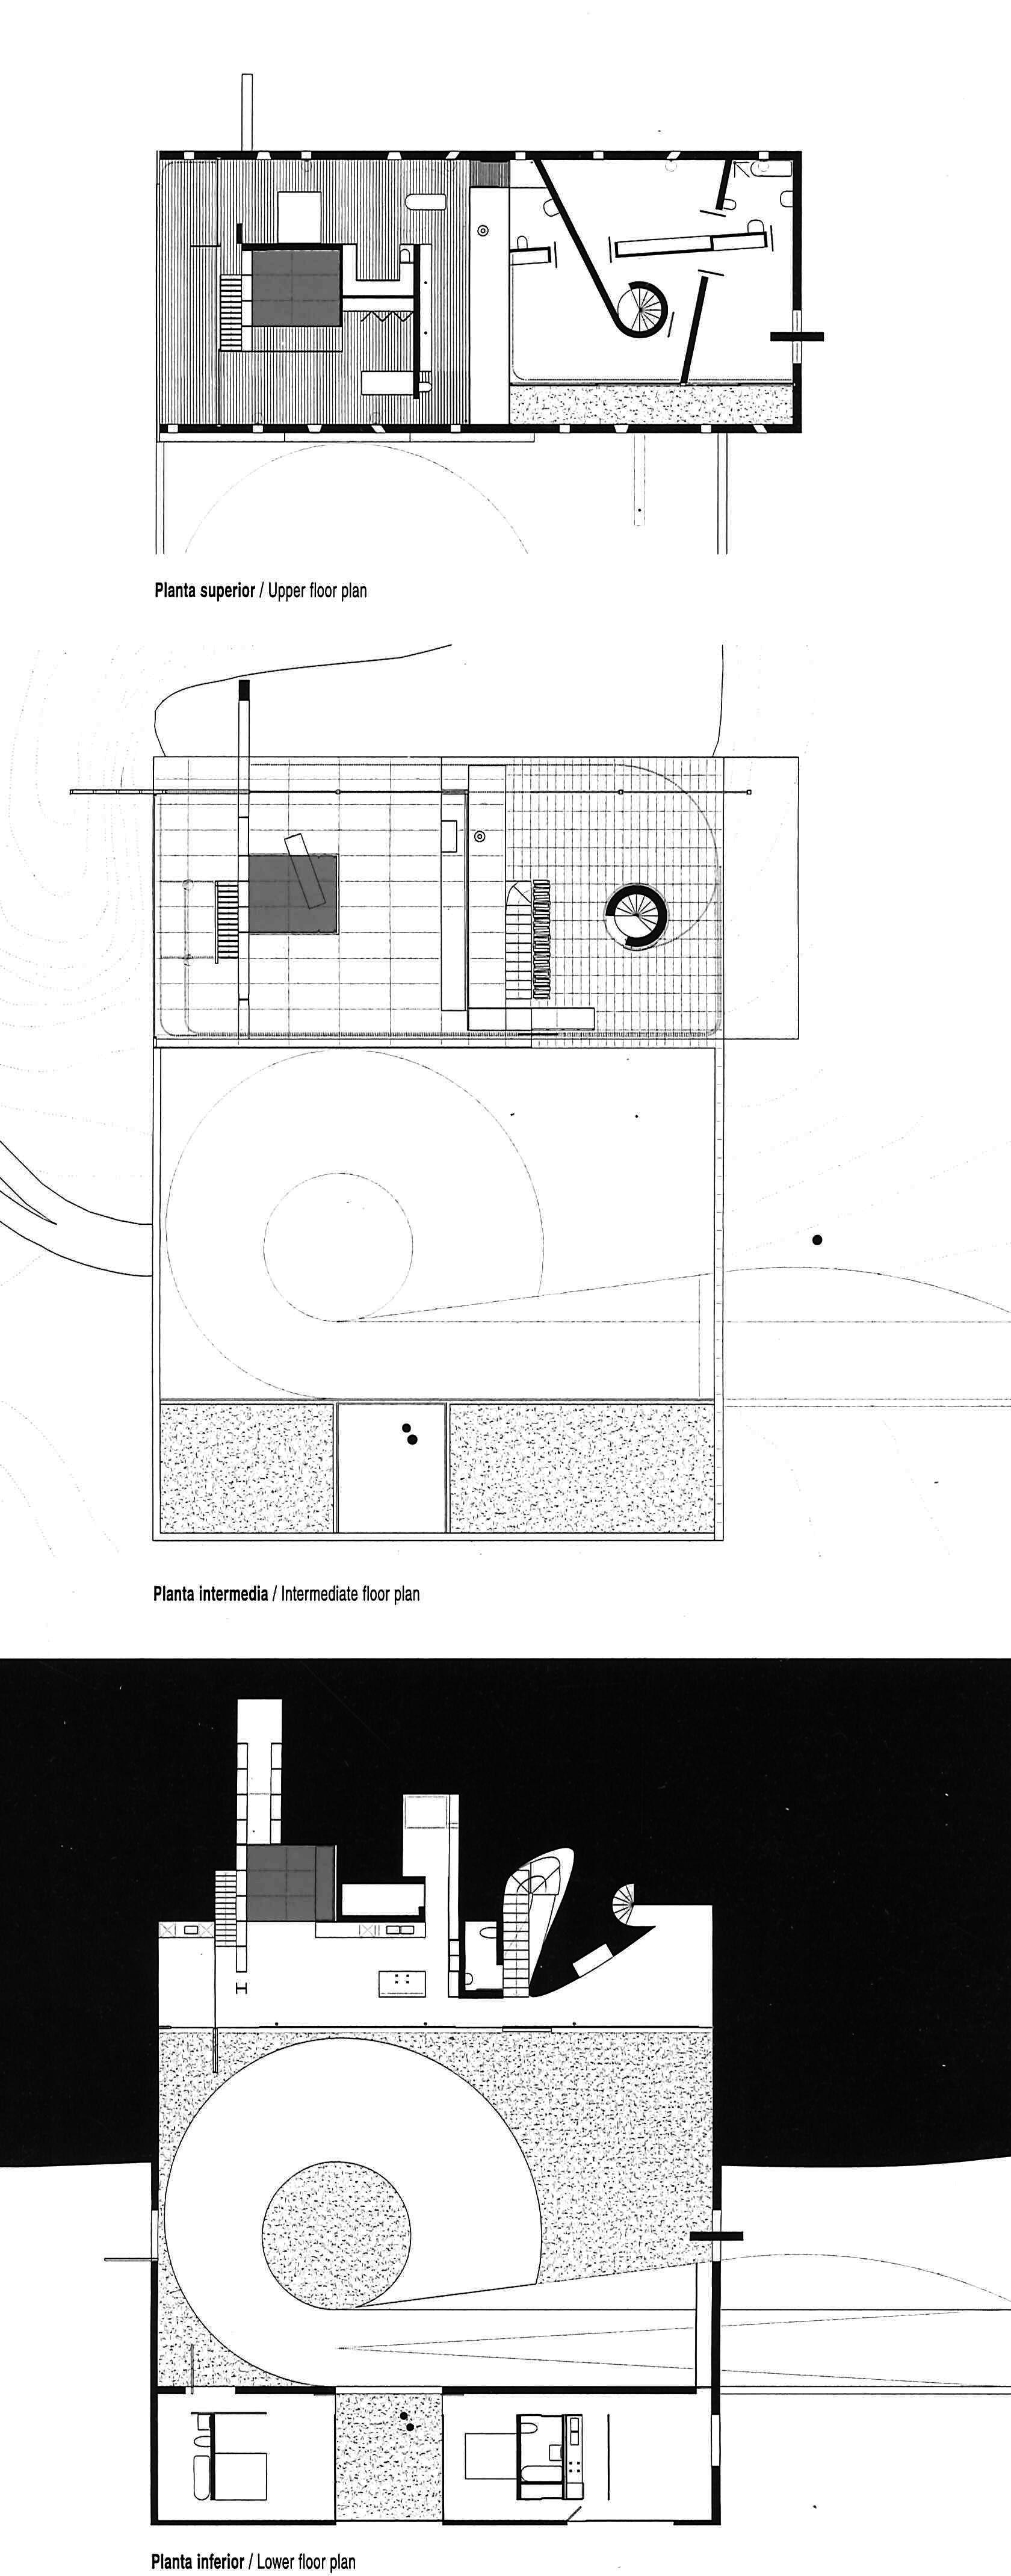 Afc Floor Plan >> Rem koolhaas, Maison à Bordeaux | REPRESENTATION PLANS | Pinterest | Maison bordeaux, Dessin ...